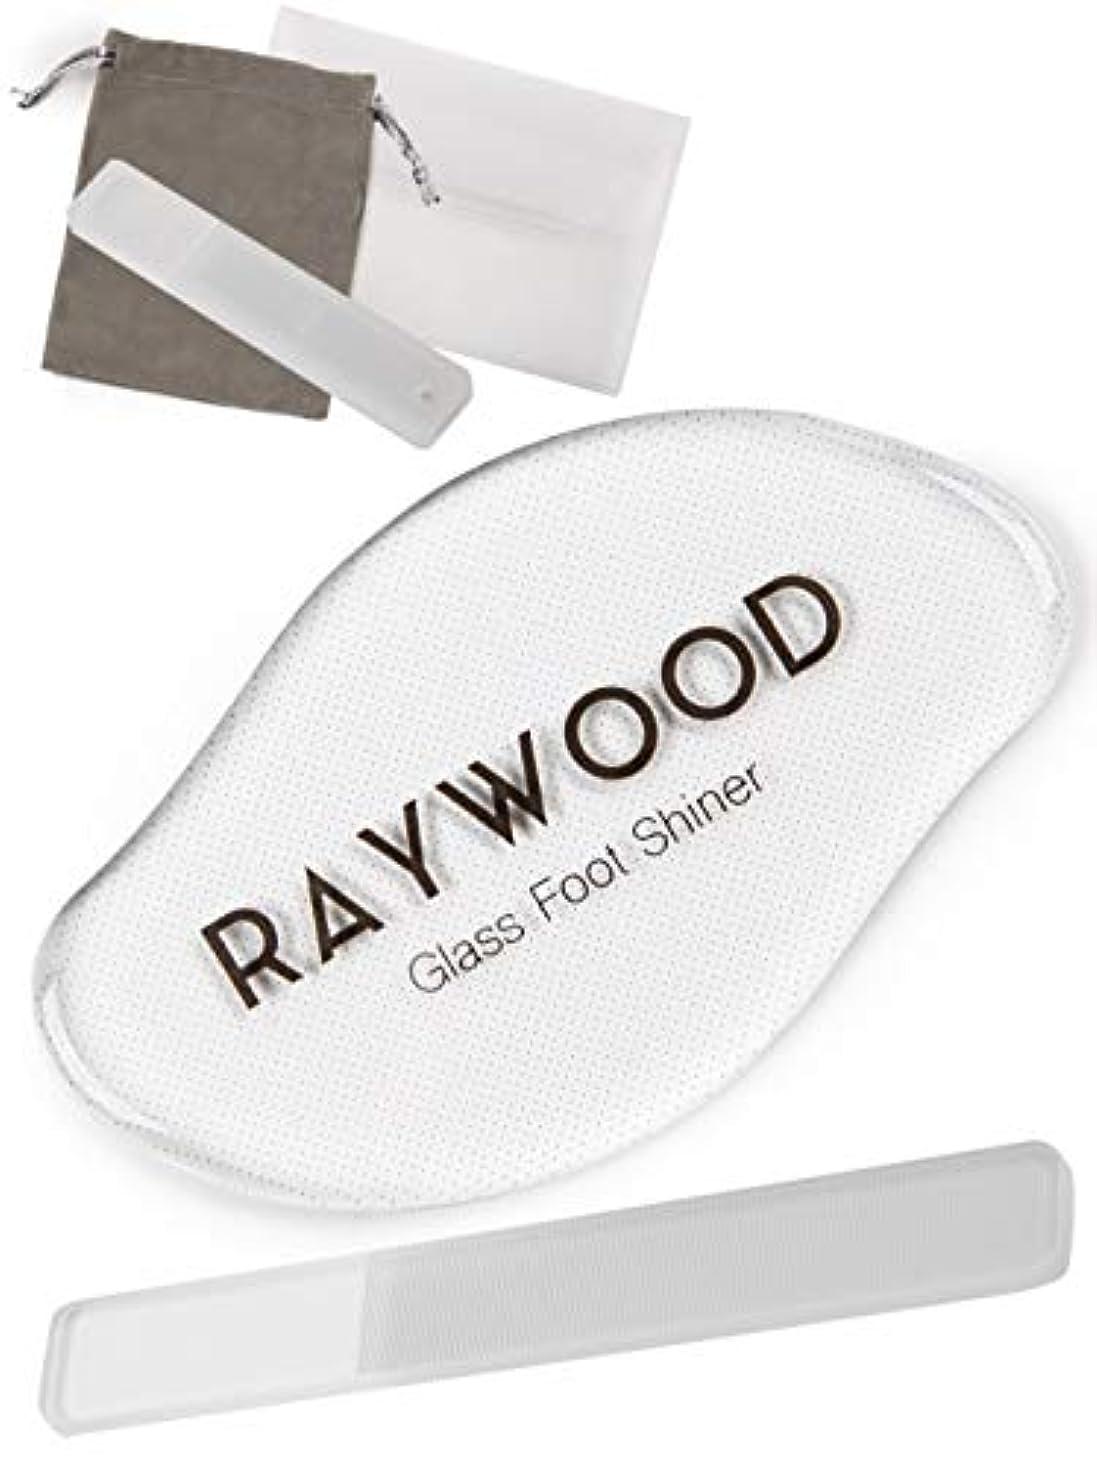 剃るナインへフィールドレイウッド かかと削り ガラス かかと 角質取り 角質 除去 足 ナノガラス 爪磨き 携帯 セット 専用ケース付き